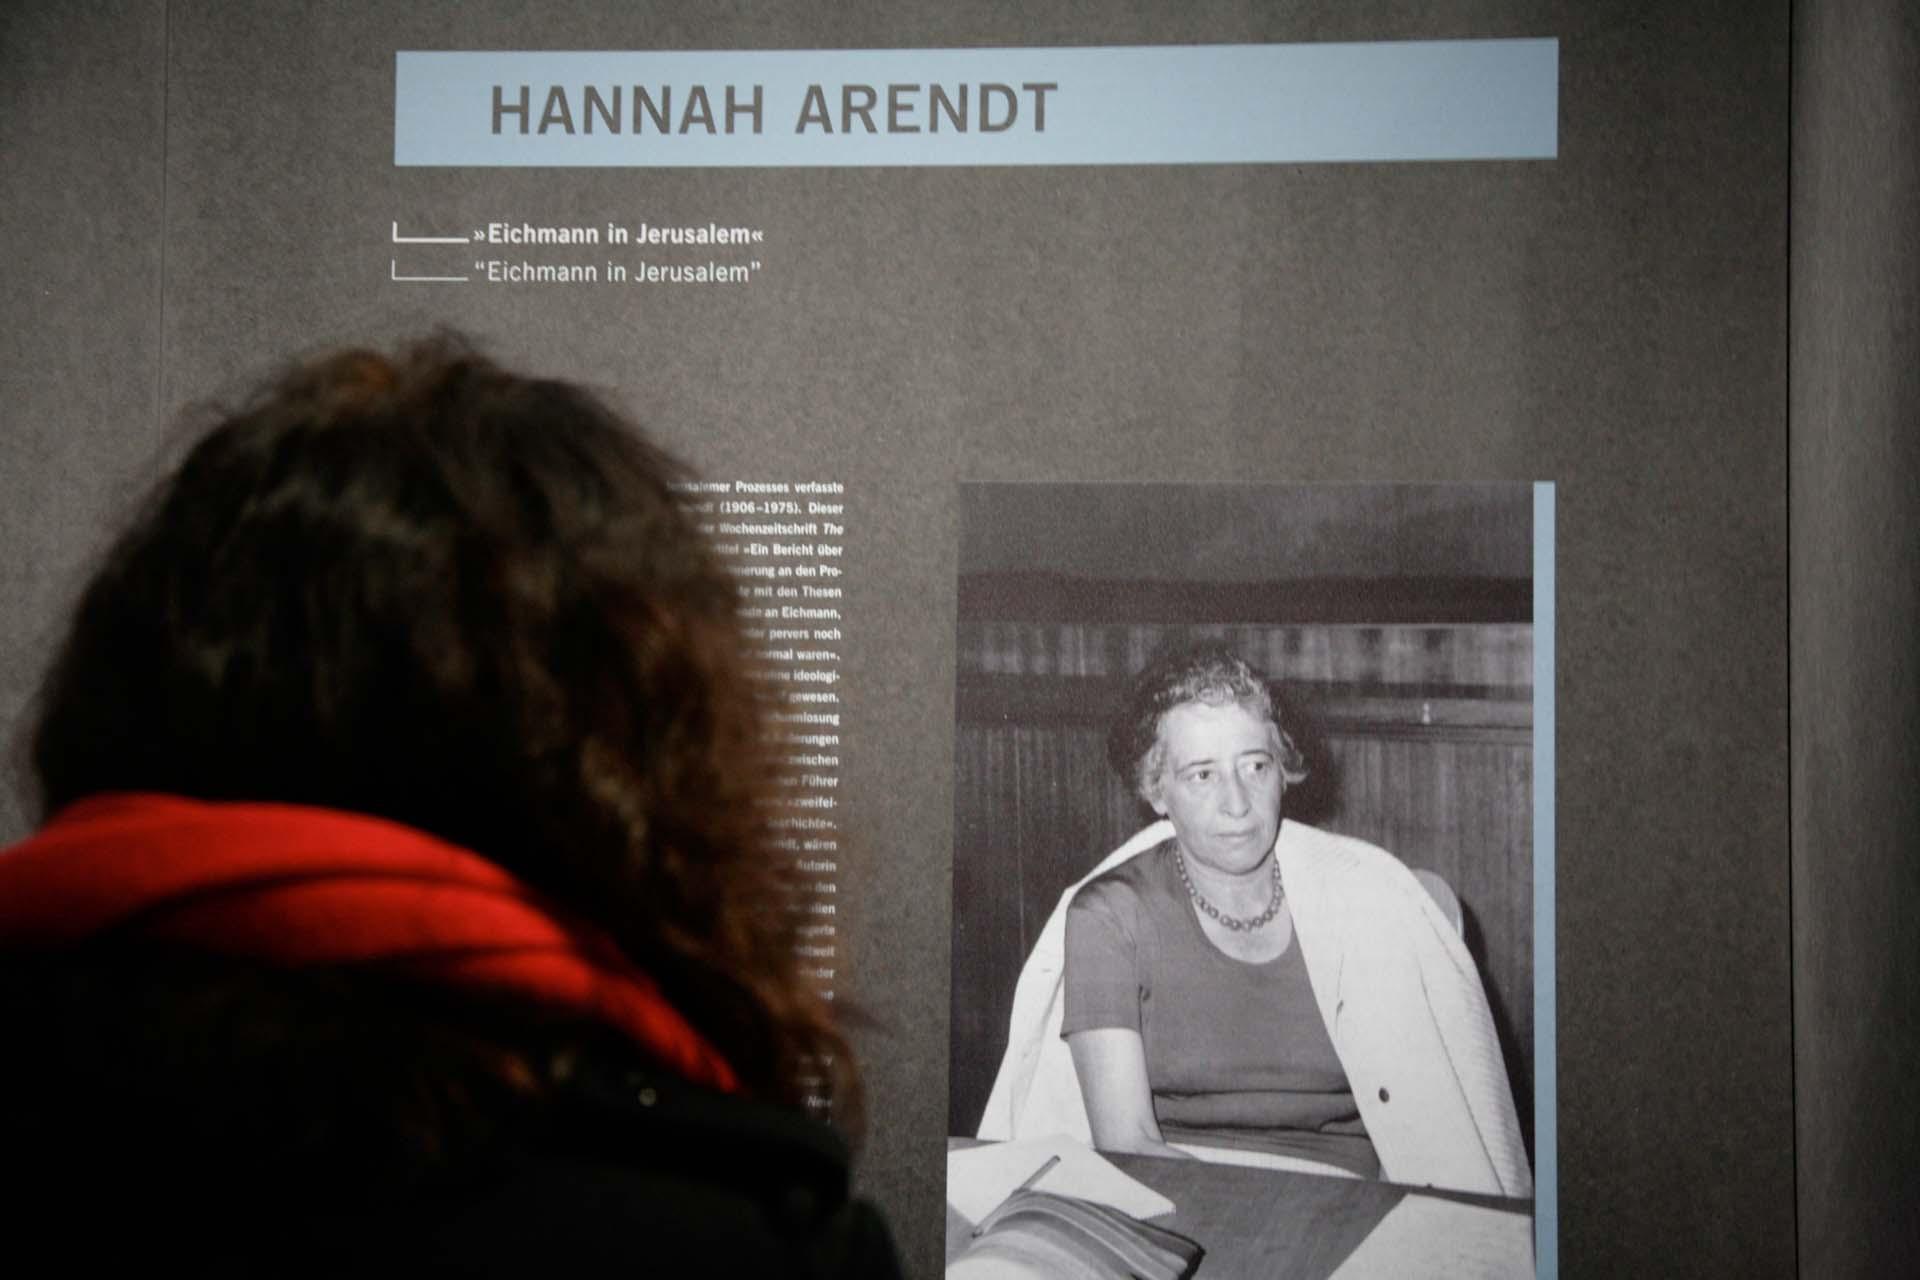 """Hannah Arendt nahm von April bis Juni 1961 als Reporterin der Zeitschrift 'The New Yorker' am Prozess gegen Adolf Eichmann in Jerusalem teil. In diesem Zusammenhang schuf sie den Begriff der 'Banalität des Bösen'. -  """"Eichmann in Jerusalem"""" The New Yorker, 16.02.1963"""